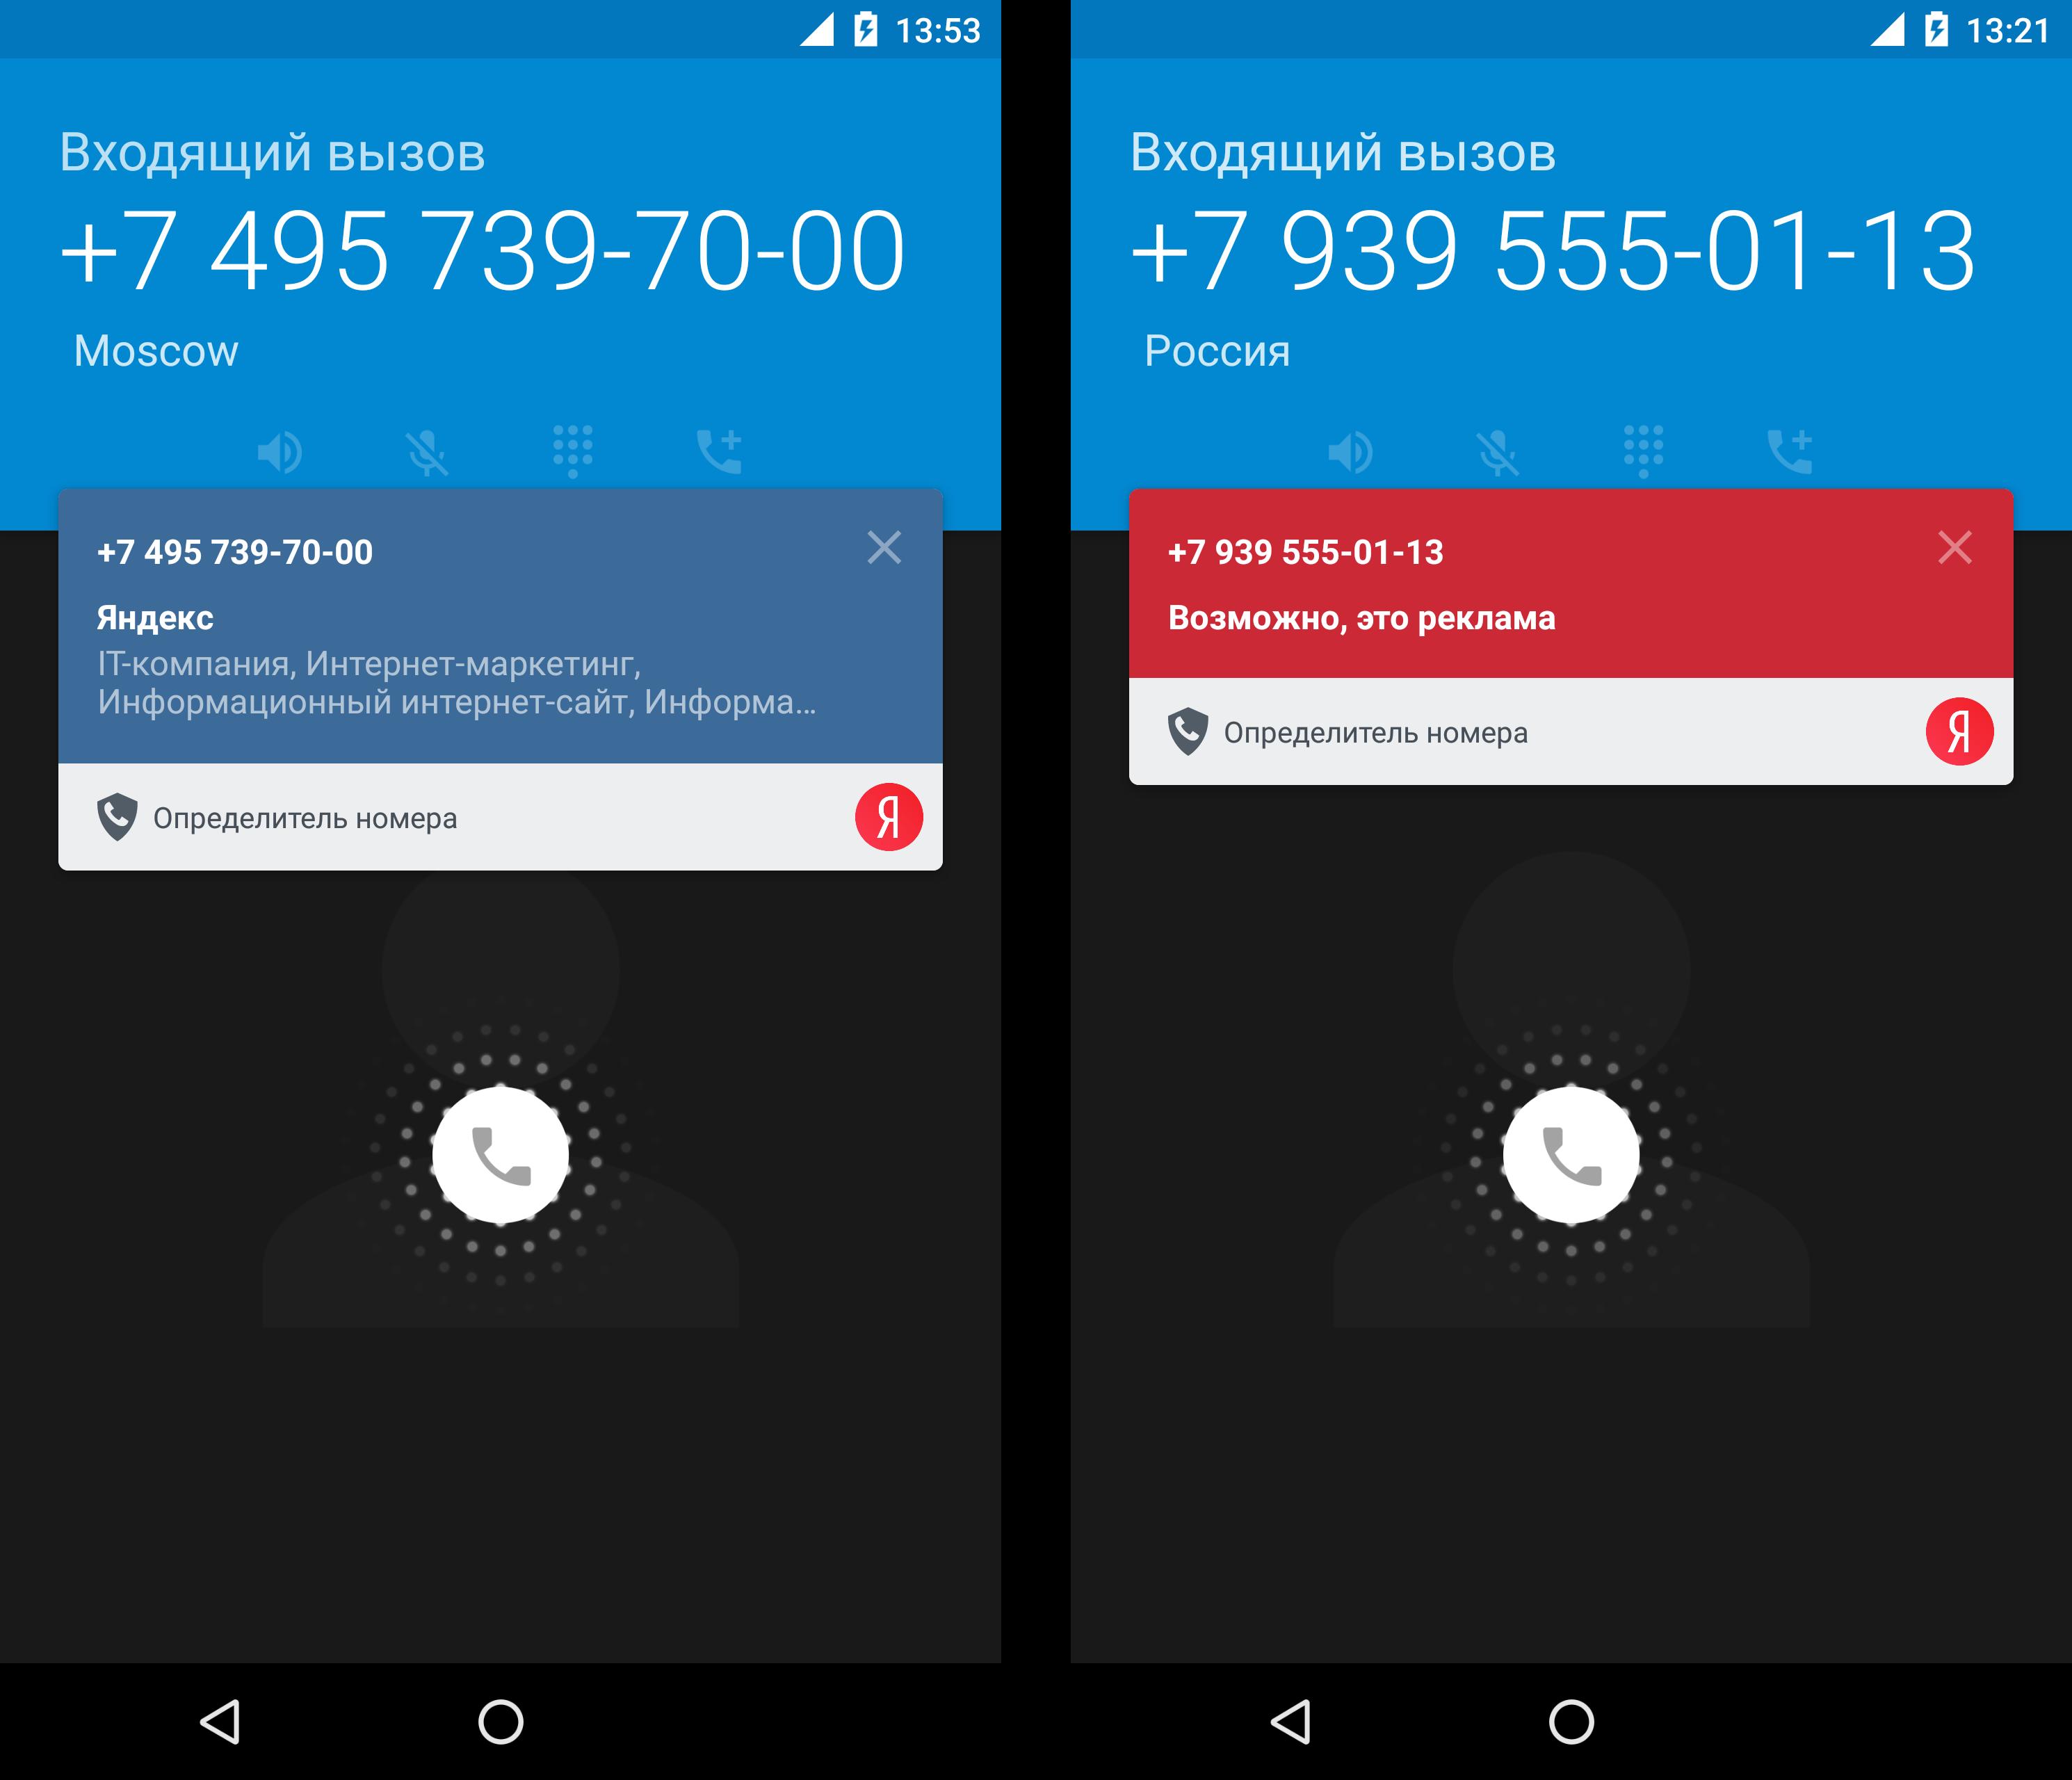 Как пользователи учат Яндекс предупреждать о телефонном спаме - 5